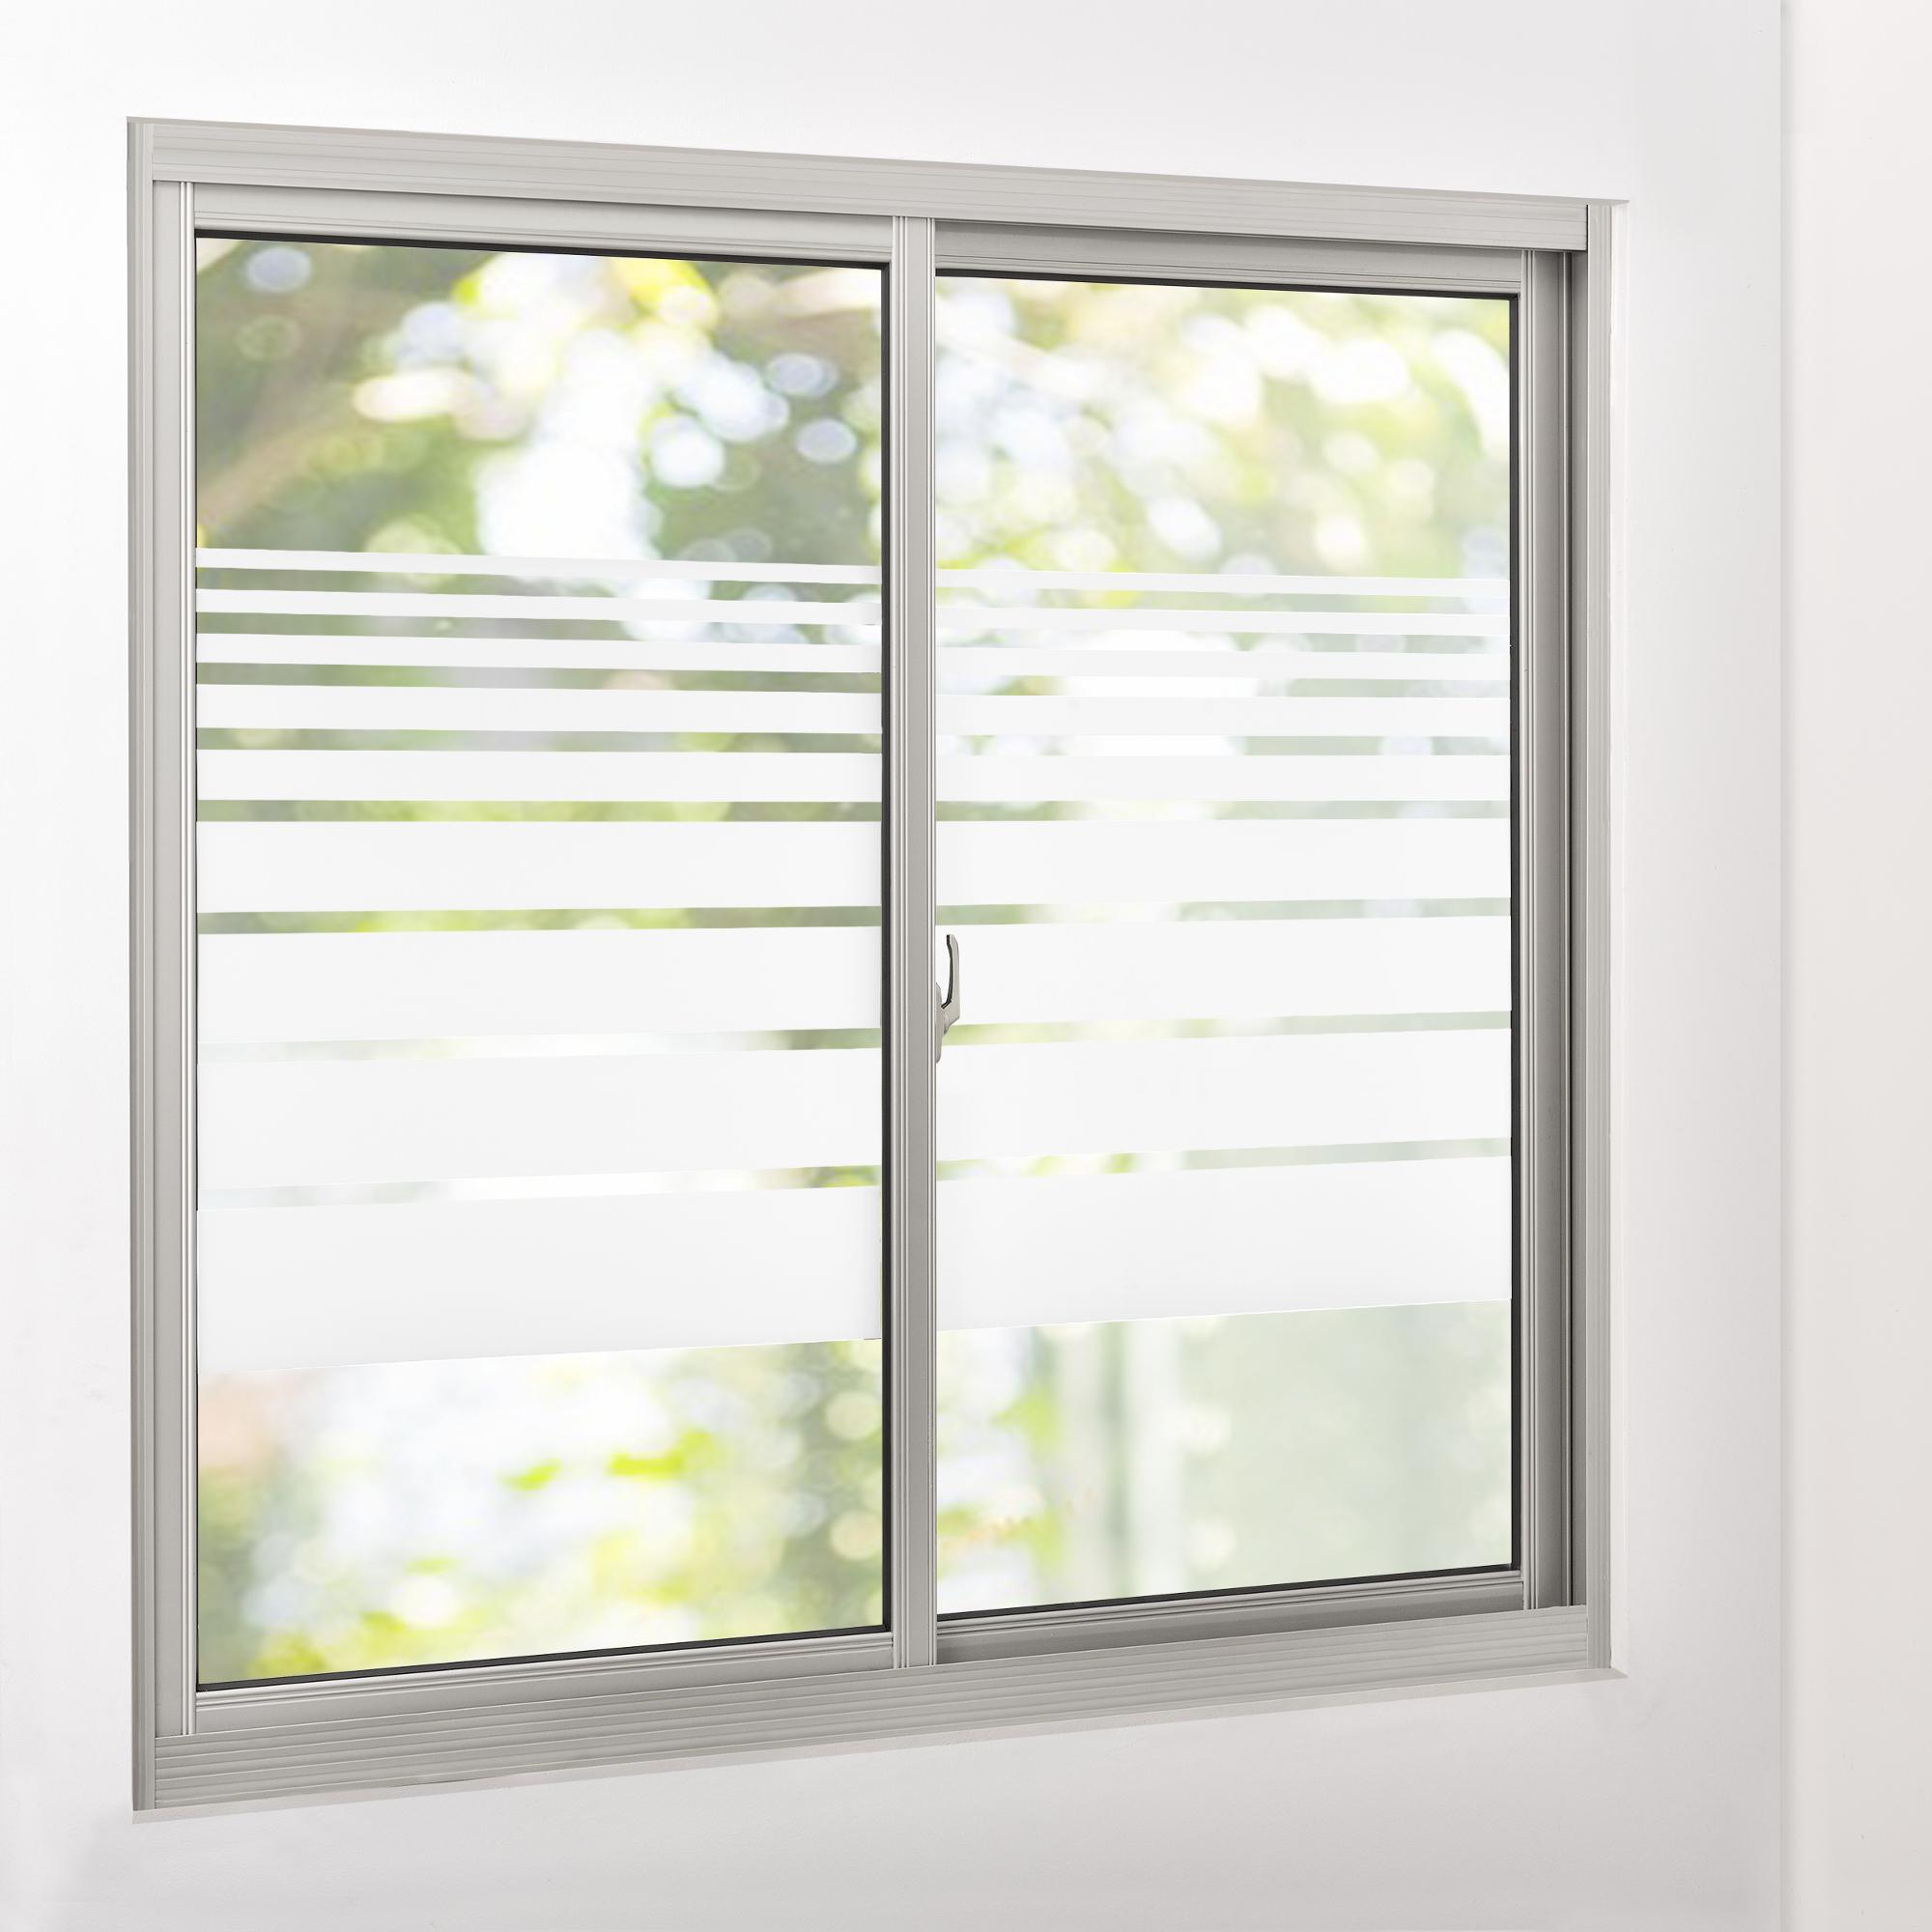 Sichtschutzfolie Milchglas Linien 67 5 Cm X 3 M Statisch